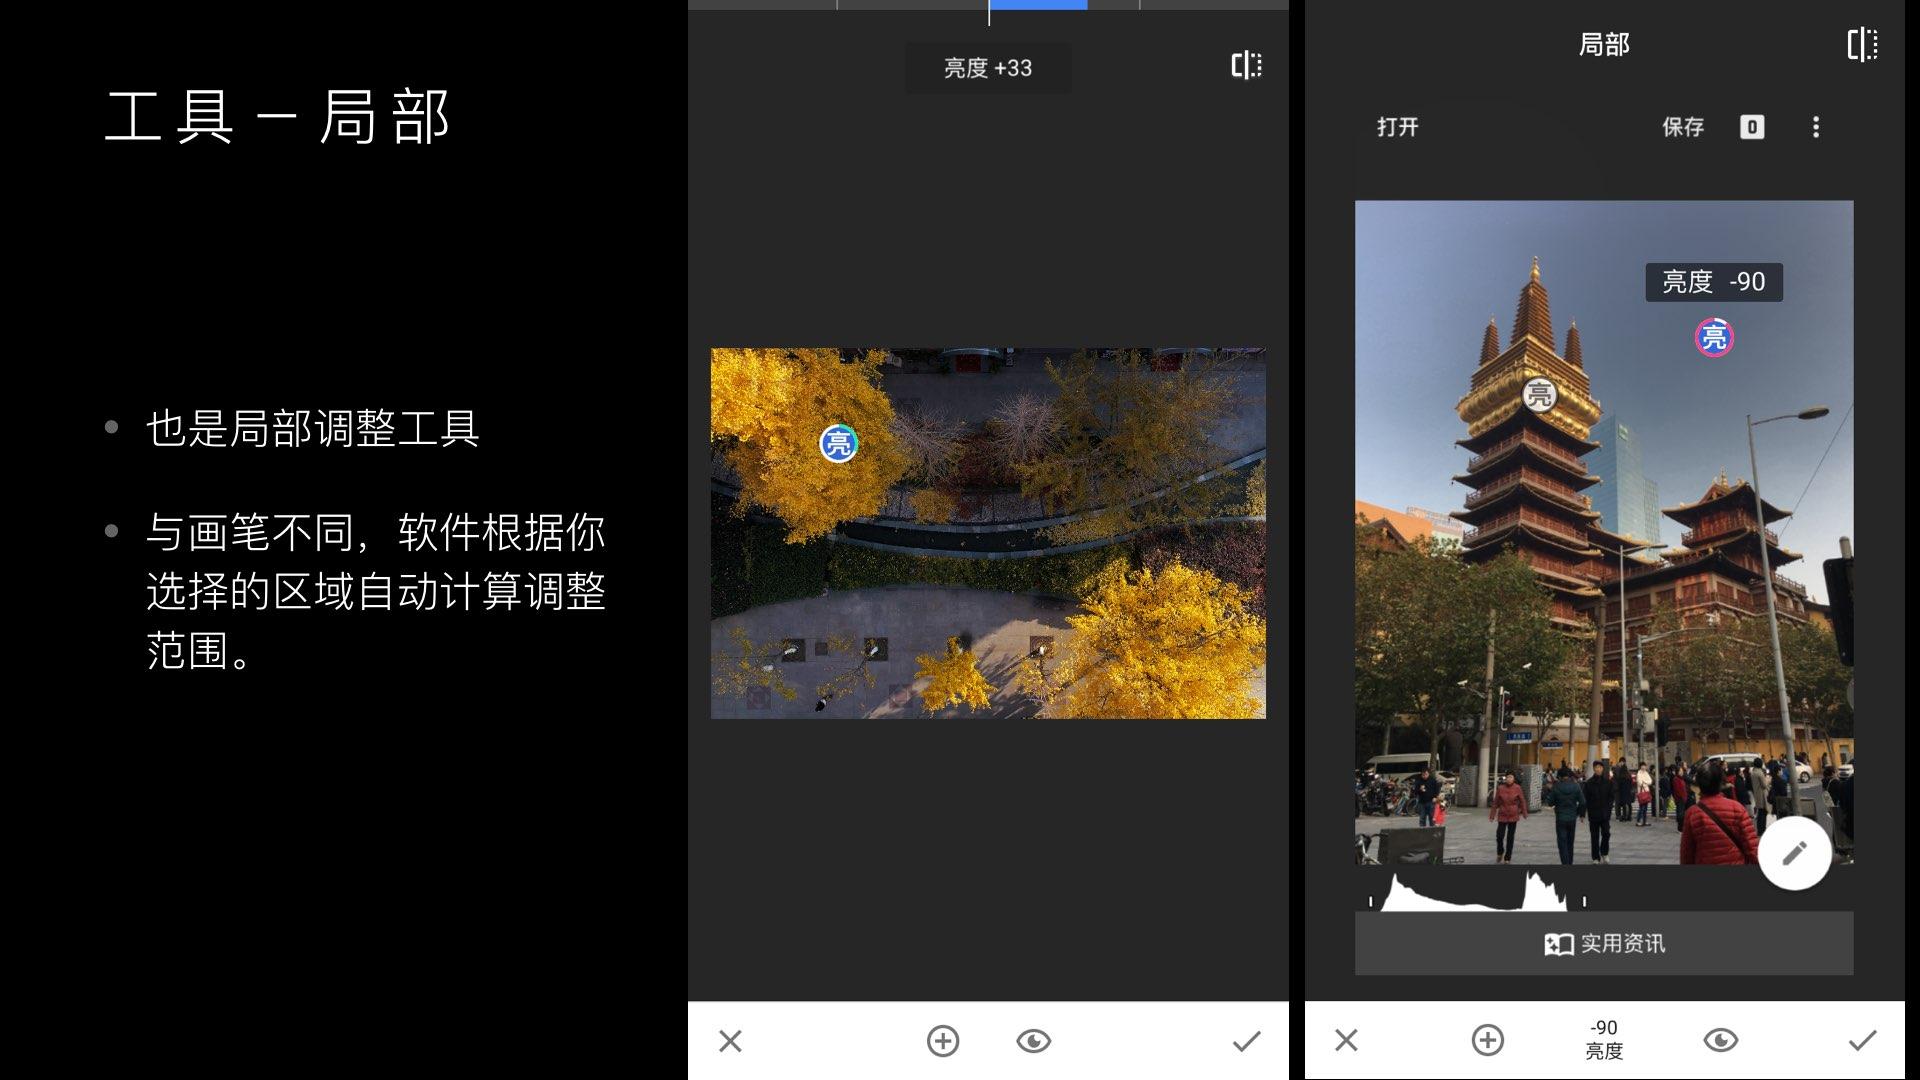 化腐朽为神奇,Snapseed图片编辑教程.015.jpeg